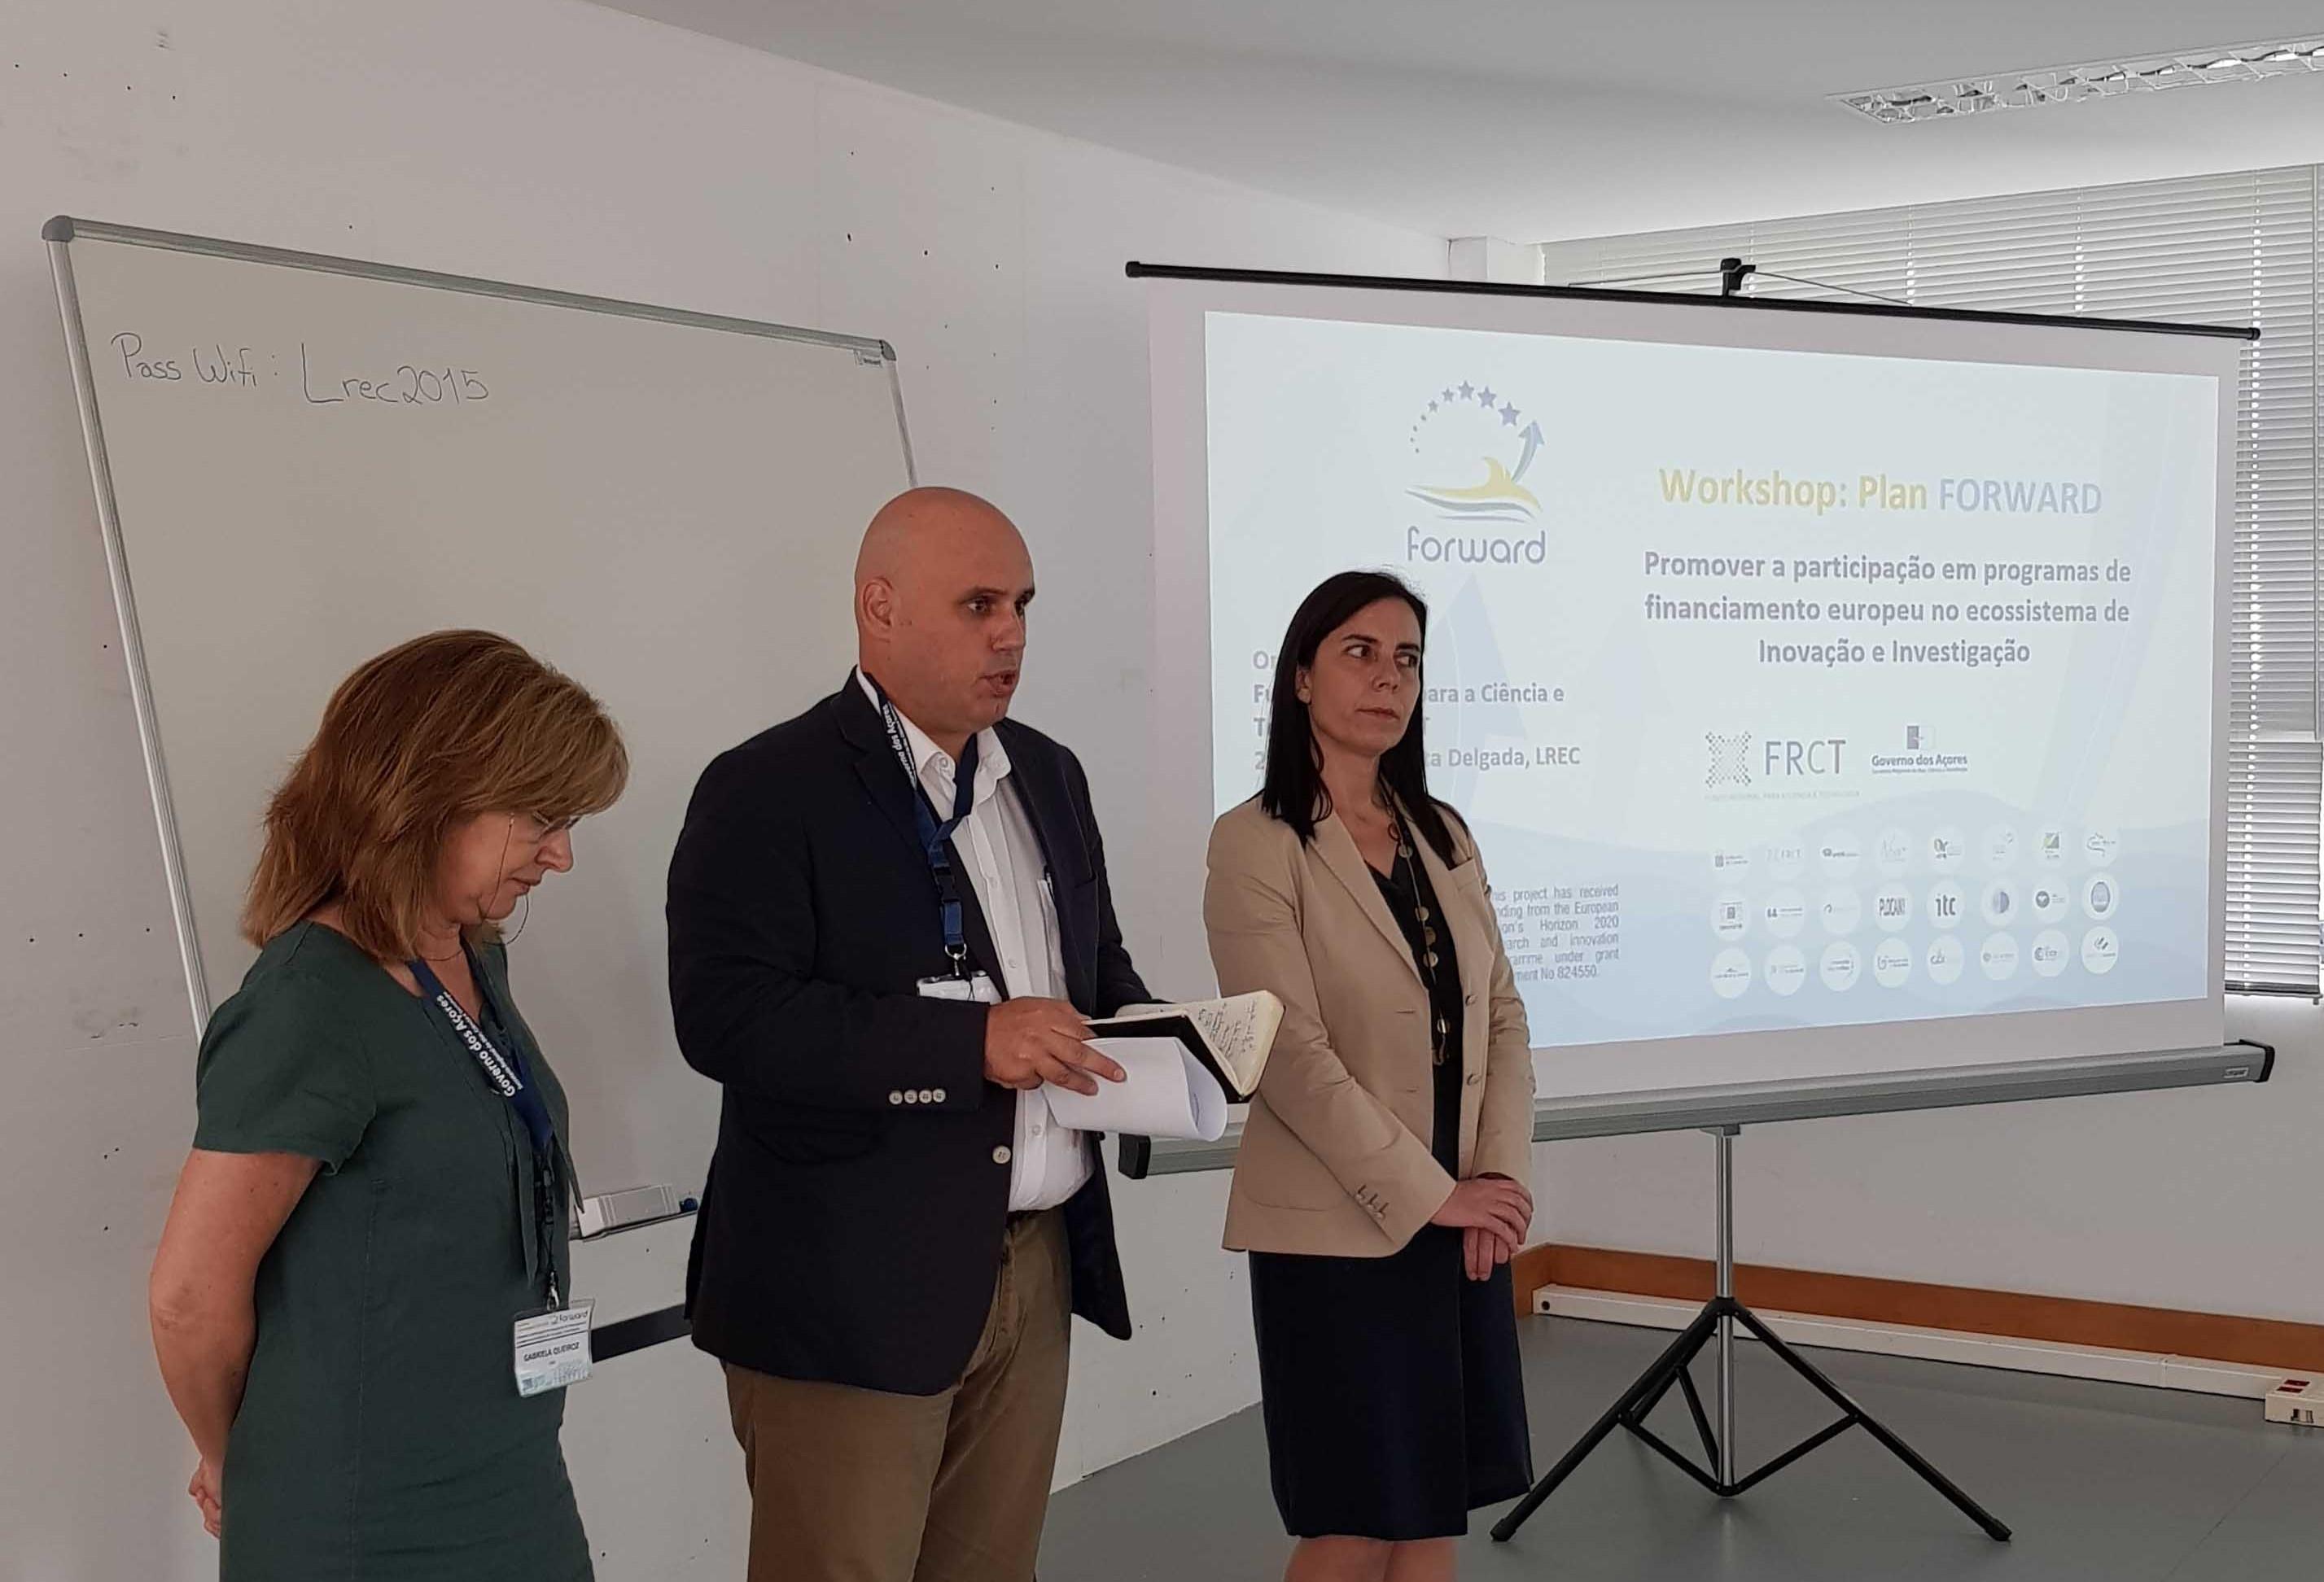 Projeto FORWARD permite consolidar presença dos Açores em projetos internacionais de inovação e investigação